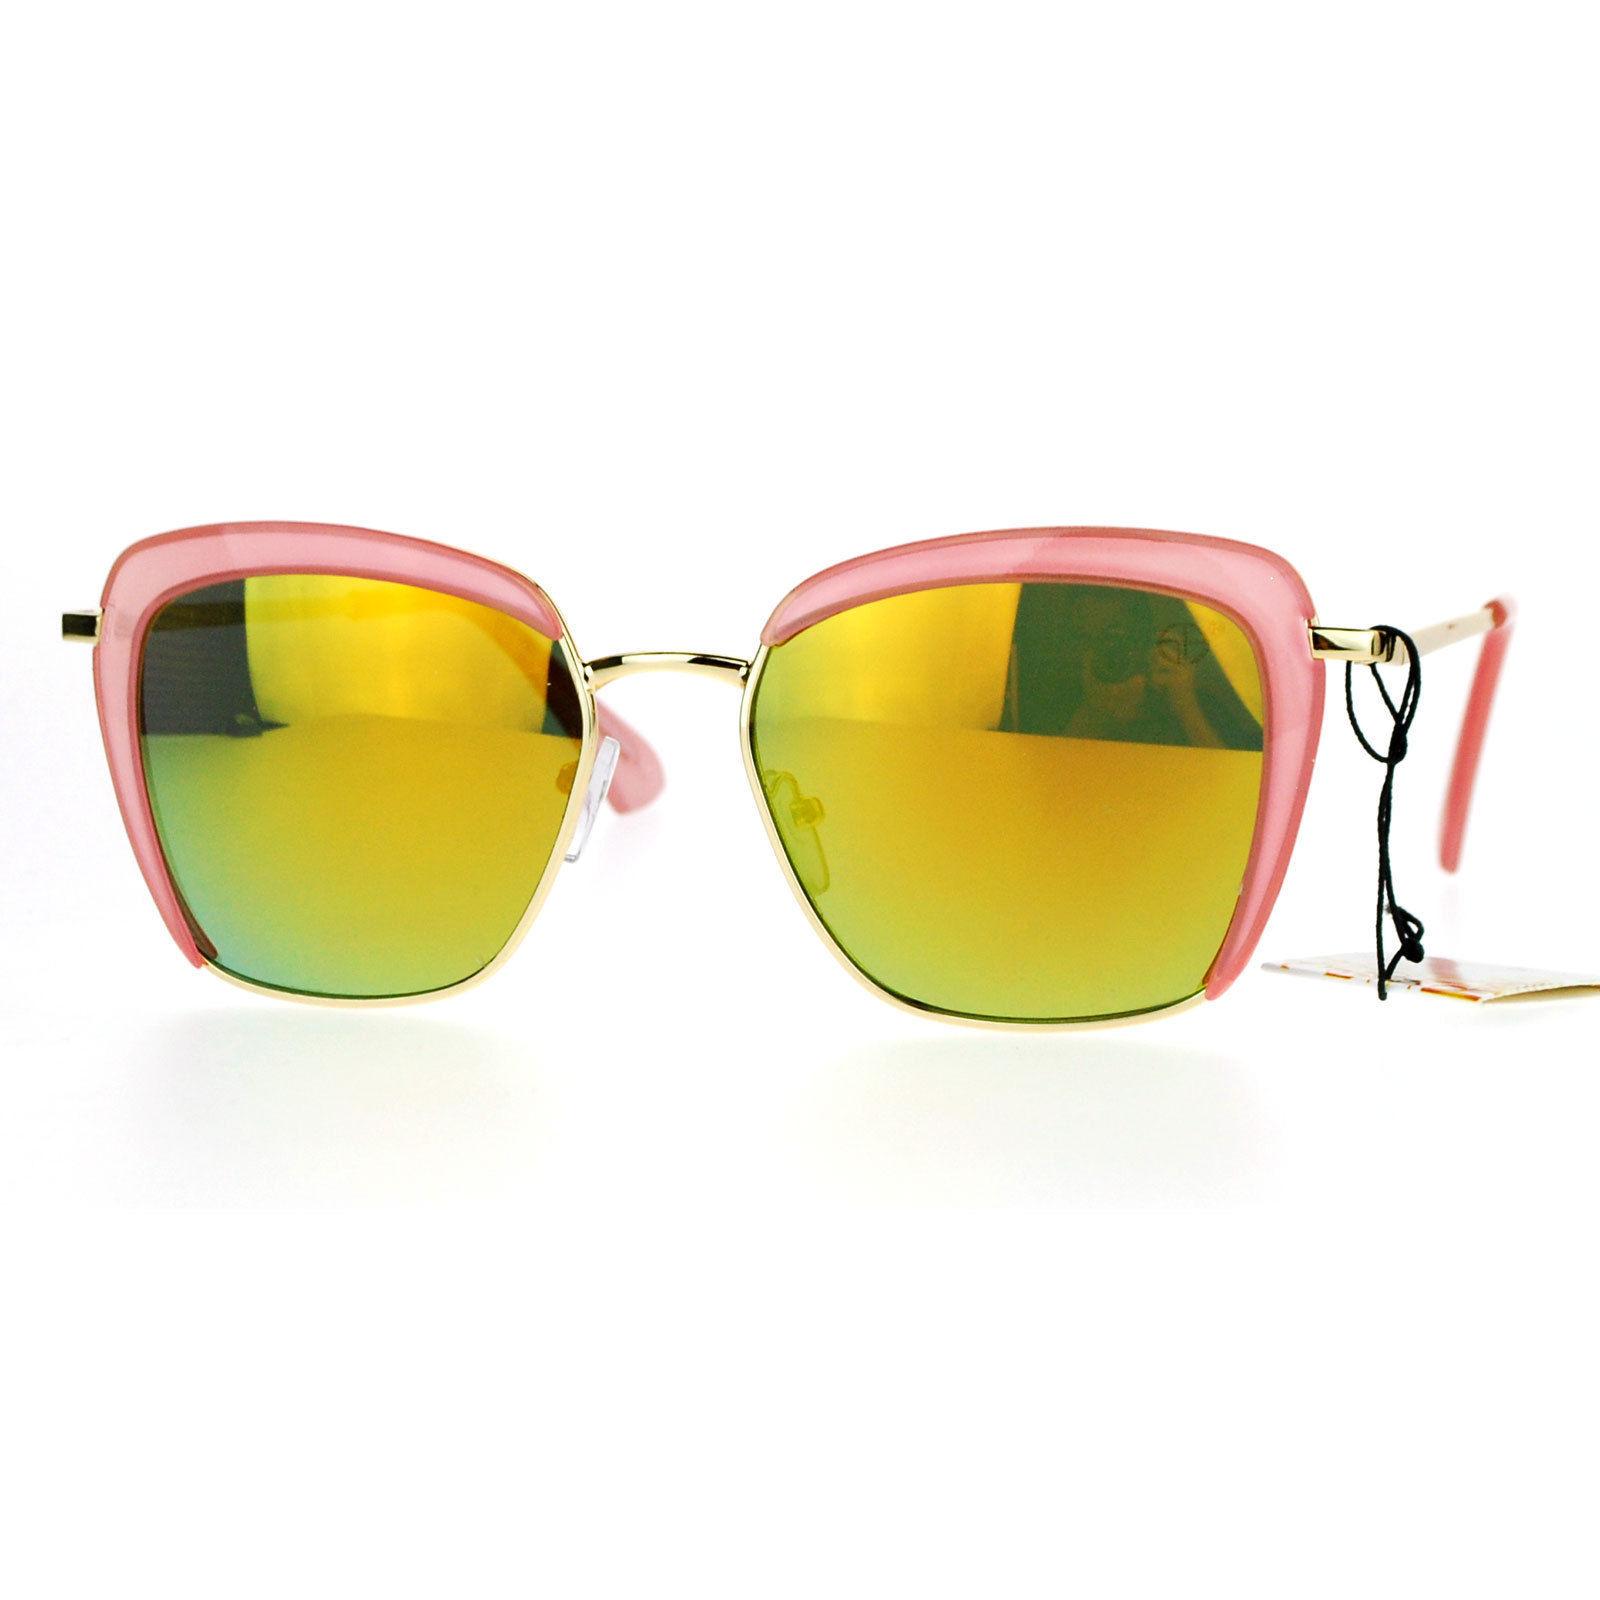 Womens Sunglasses Vintage Retro Fashion Shades Square Frame